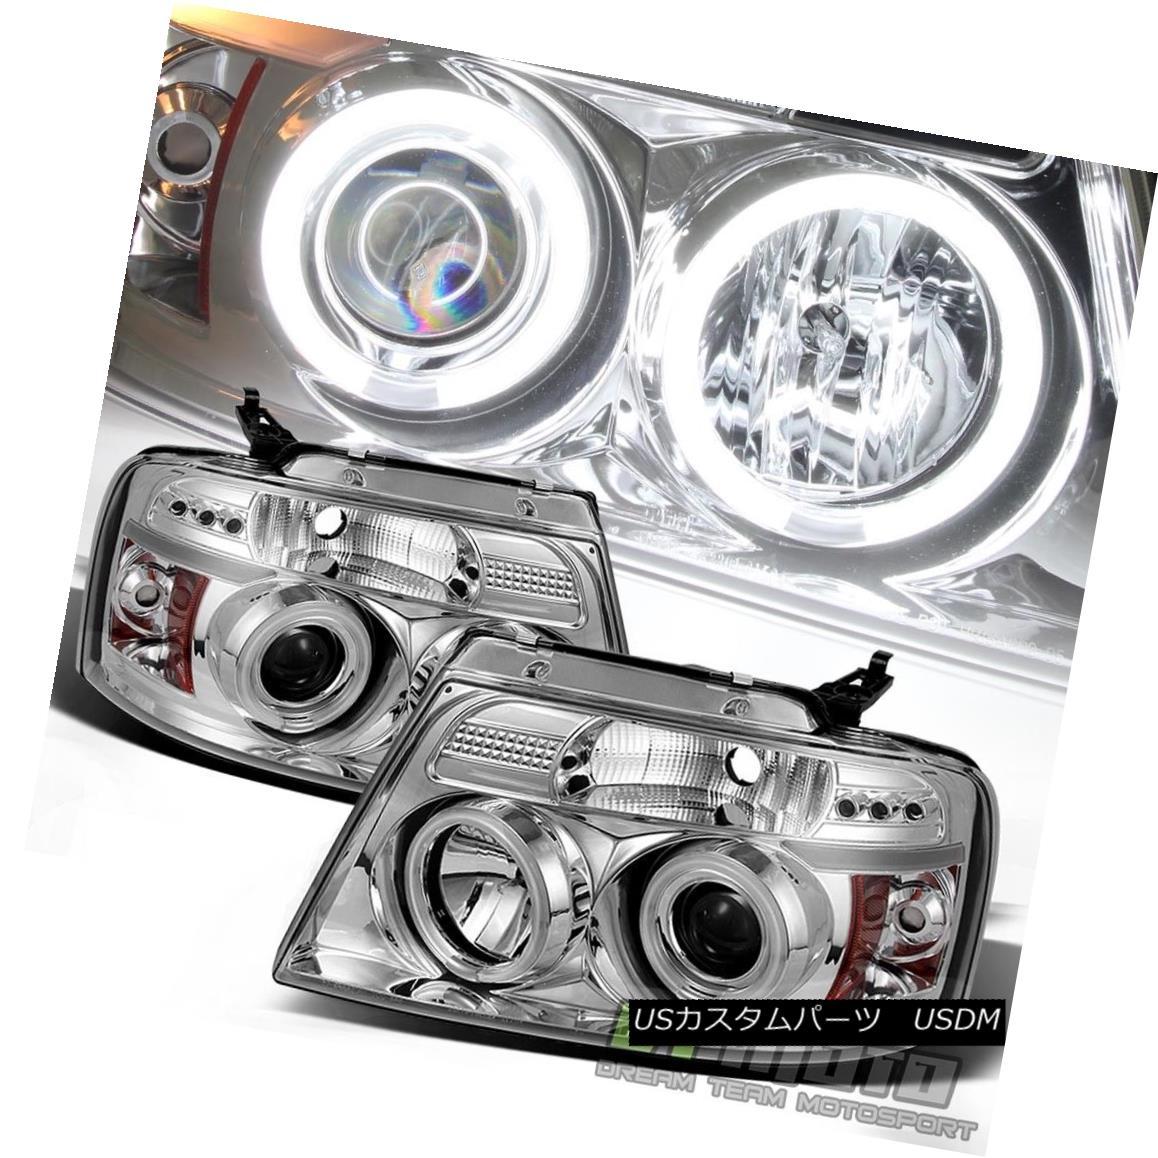 ヘッドライト 2004-2008 Ford F150 F-150 LED CCFL Projector Headlights Headlamps Left+Right Set 2004-2008 Ford F150 F-150 LED CCFLプロジェクターヘッドライトヘッドランプ左右セット